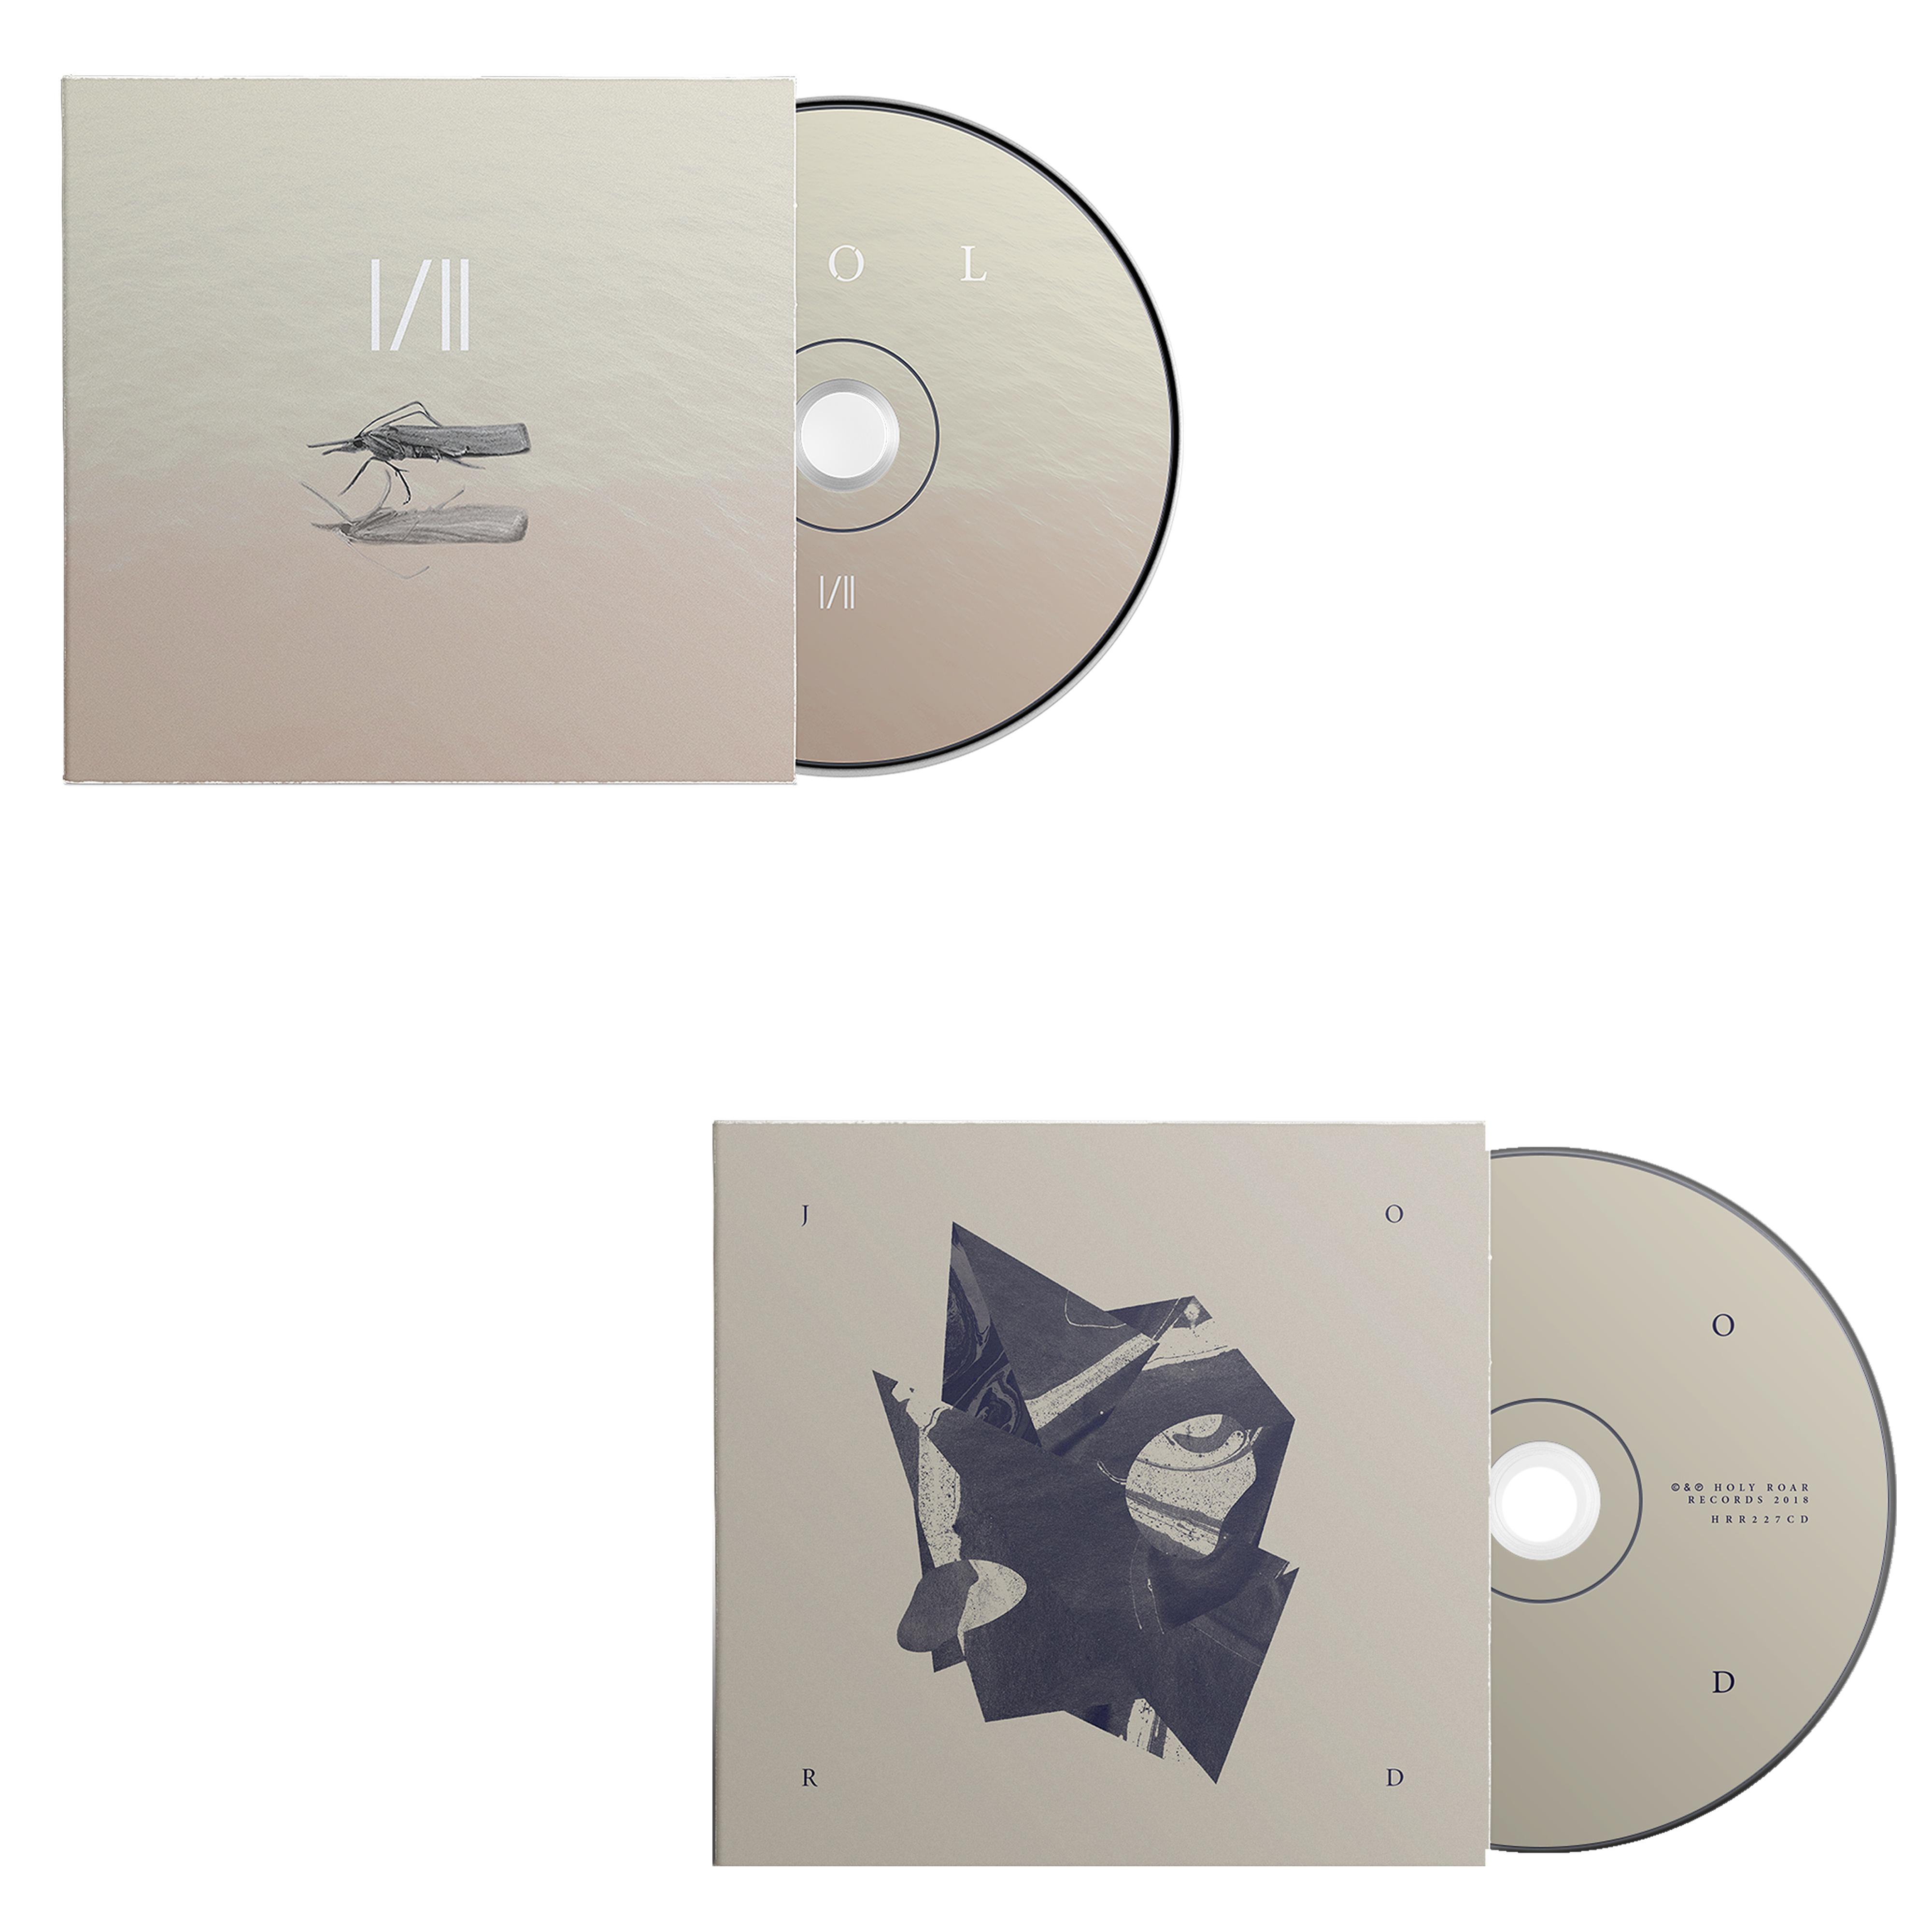 MØL - I/II and JORD CD bundle